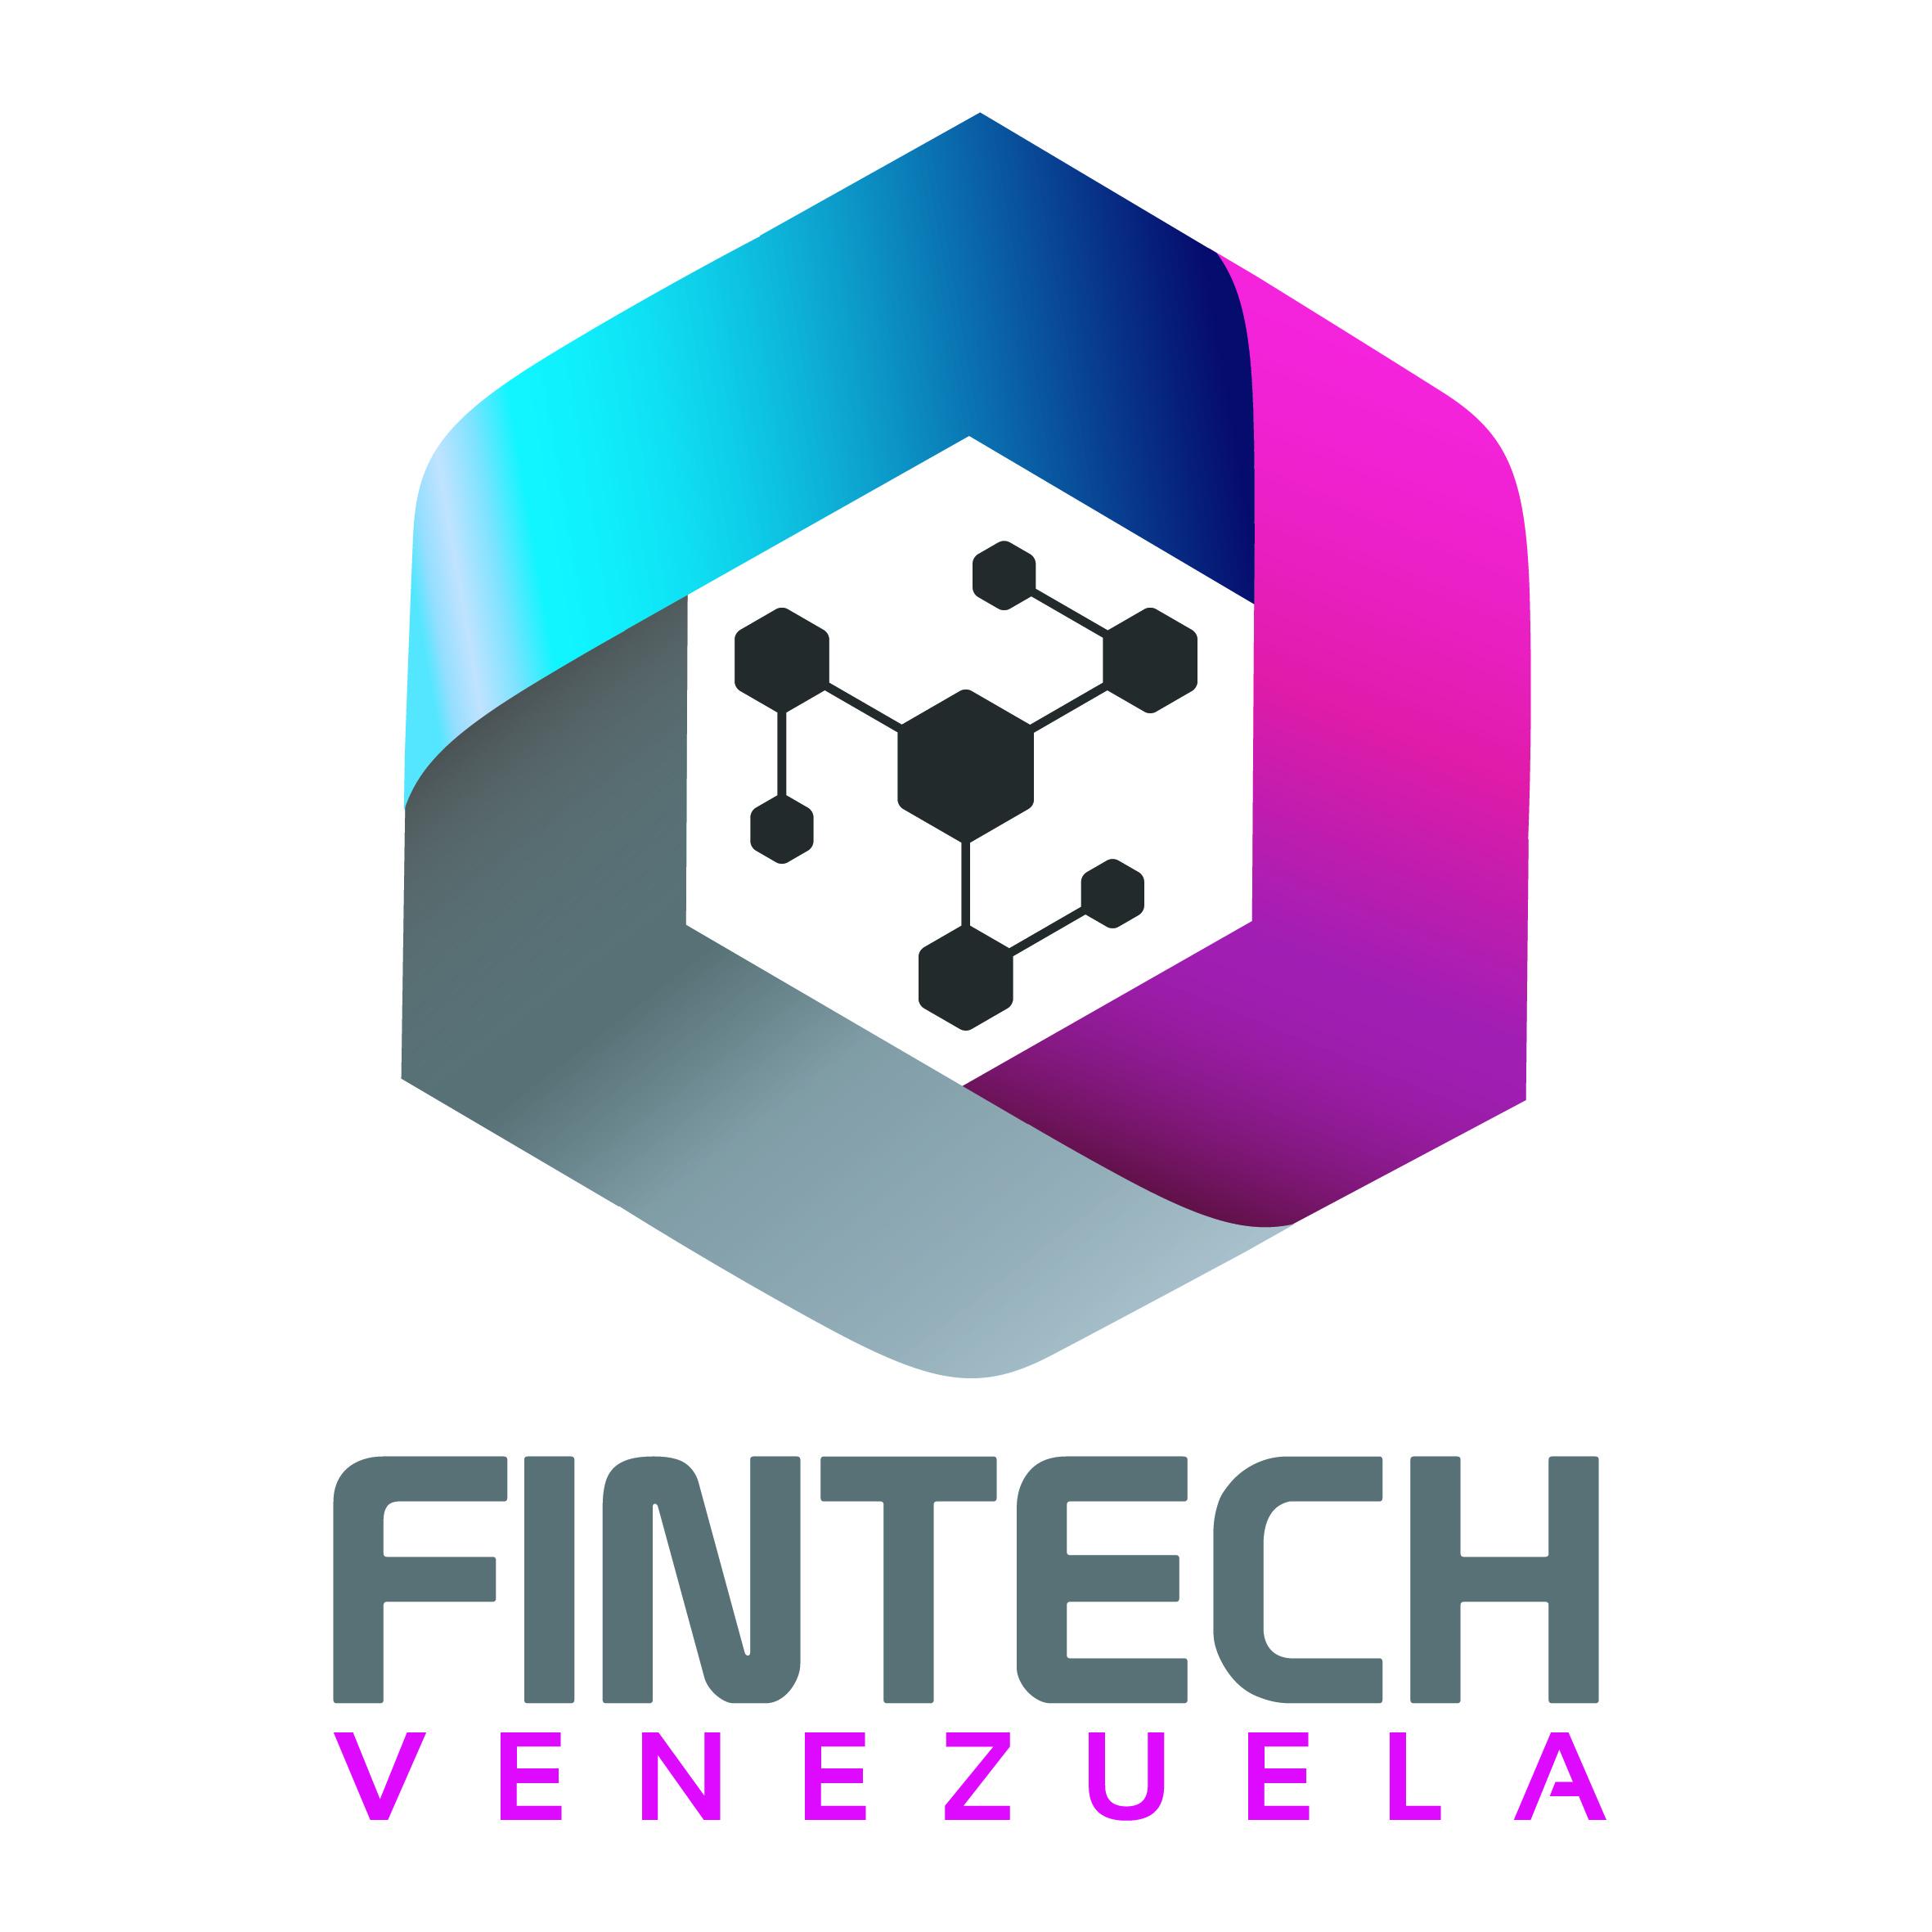 Sociedad Venezolana de Fintech y Nuevas Tecnologías